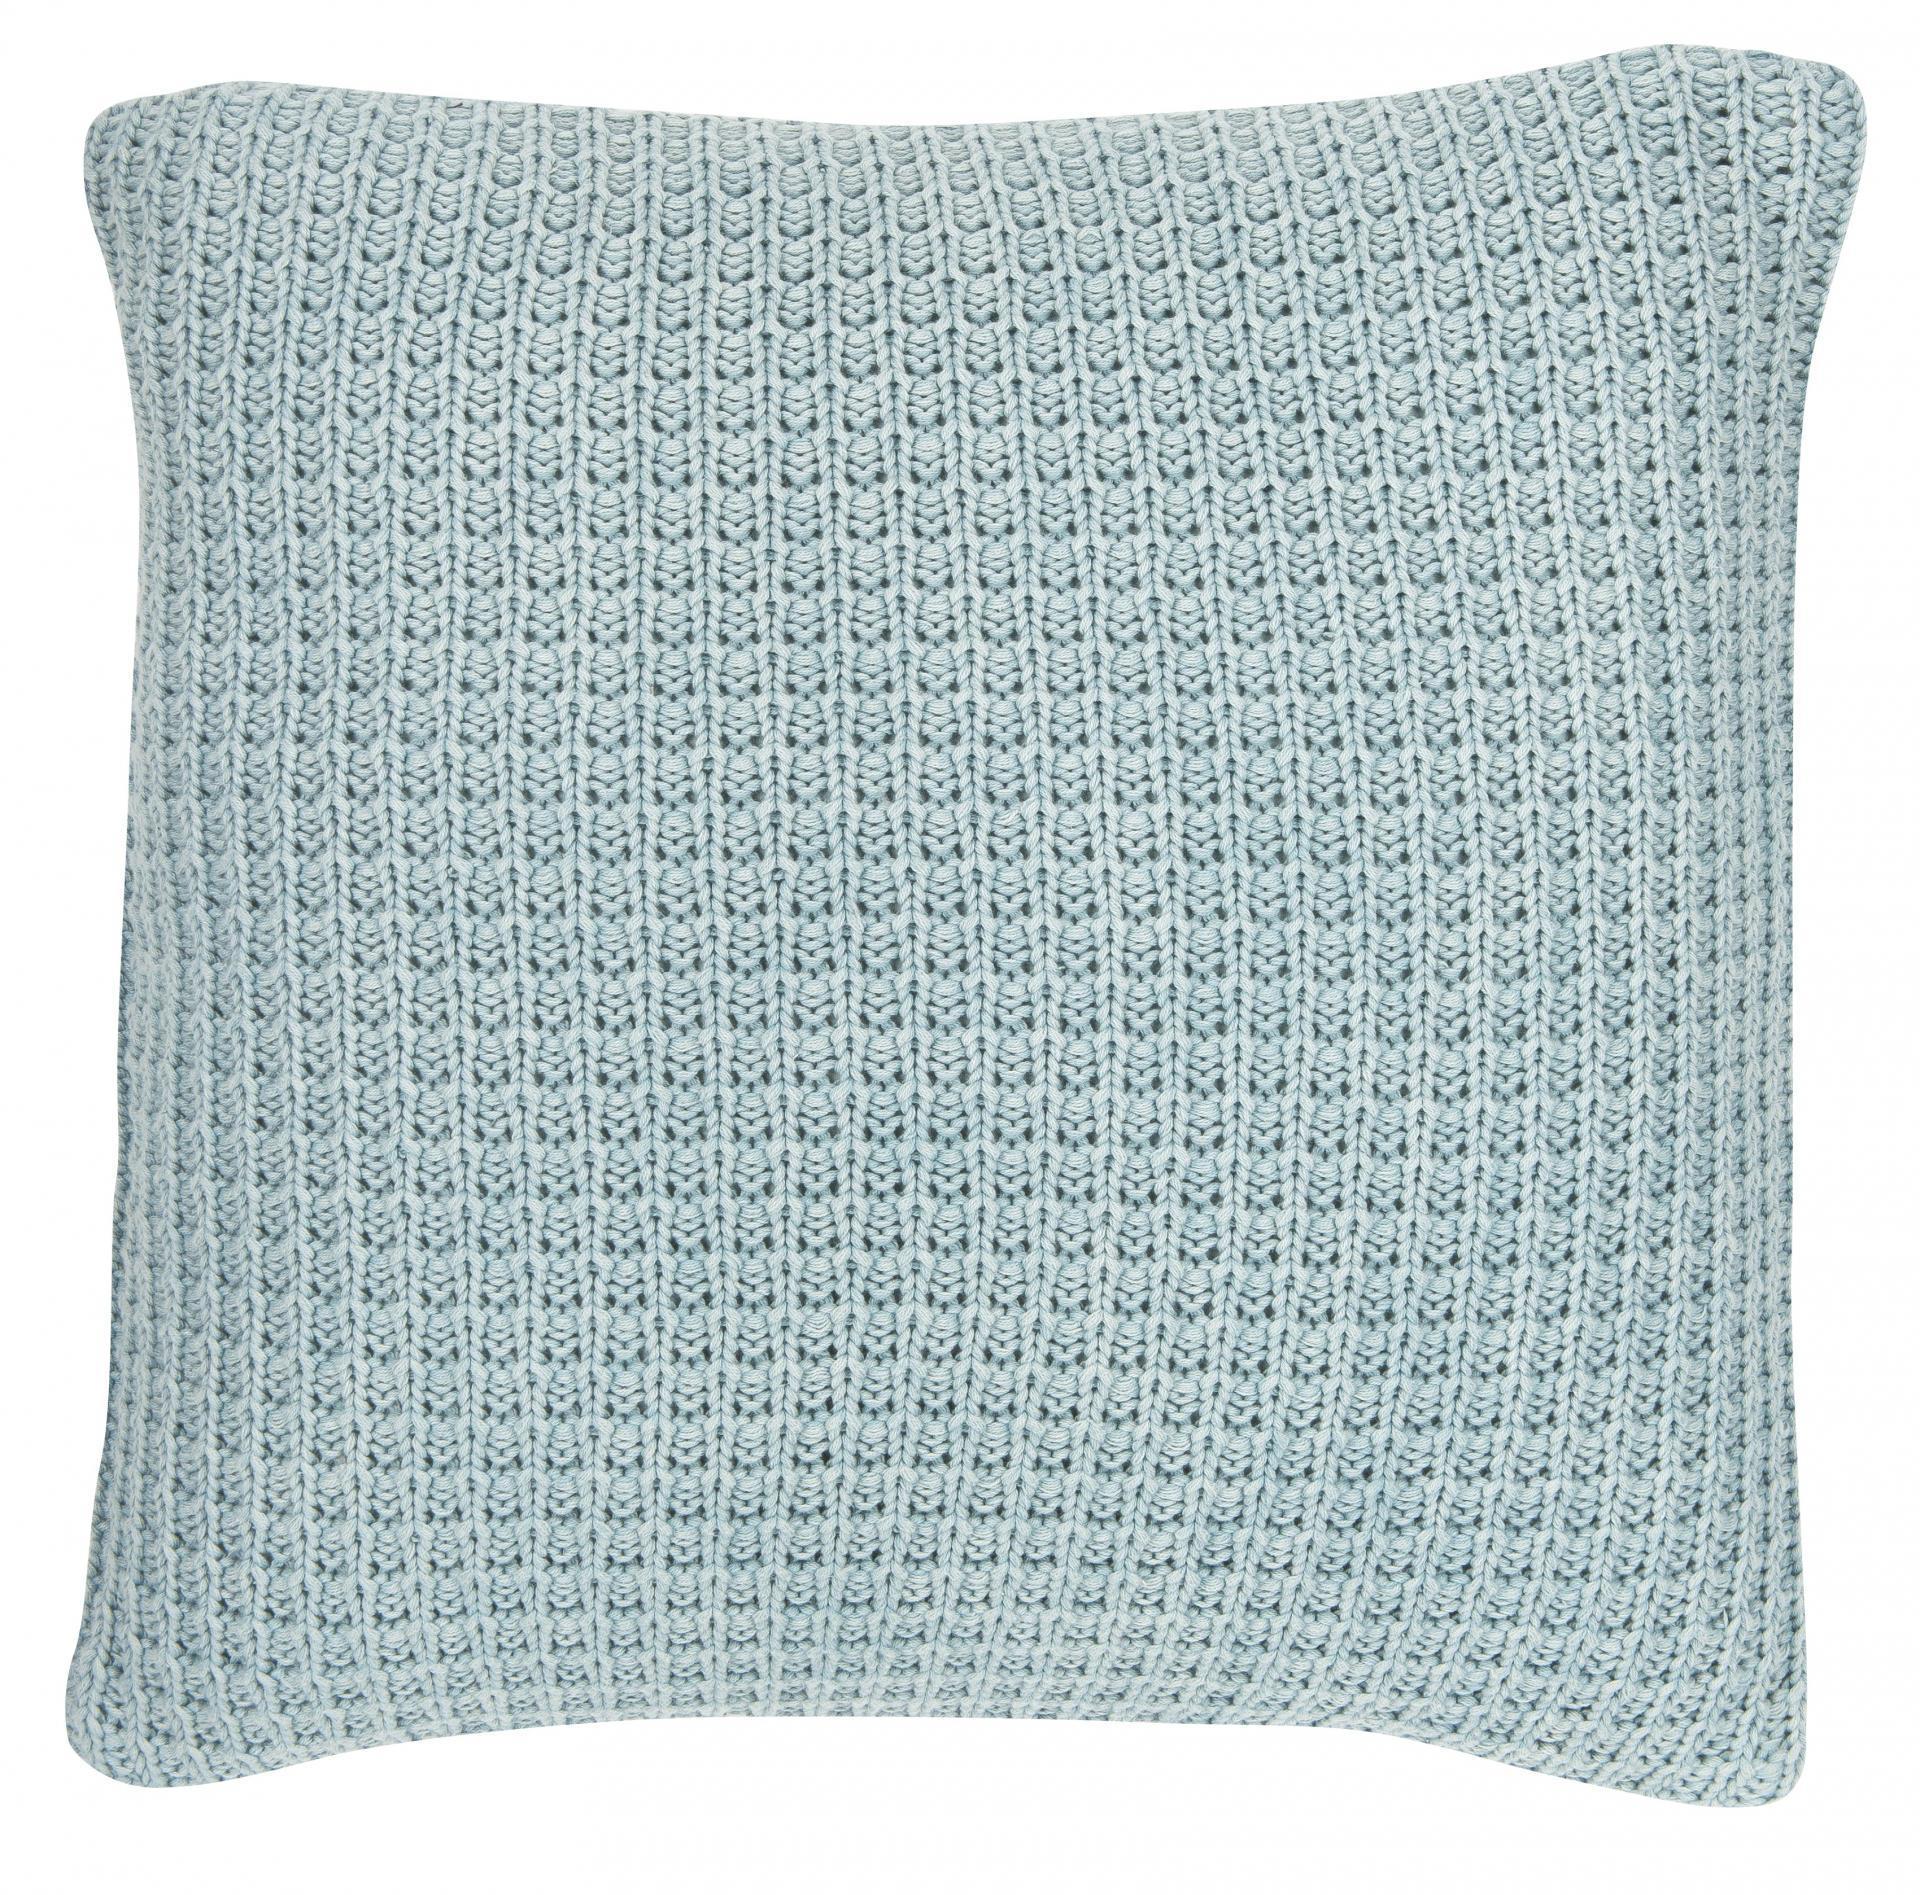 IB LAURSEN Pletený povlak na polštář Dusty blue 50x50 cm, modrá barva, textil